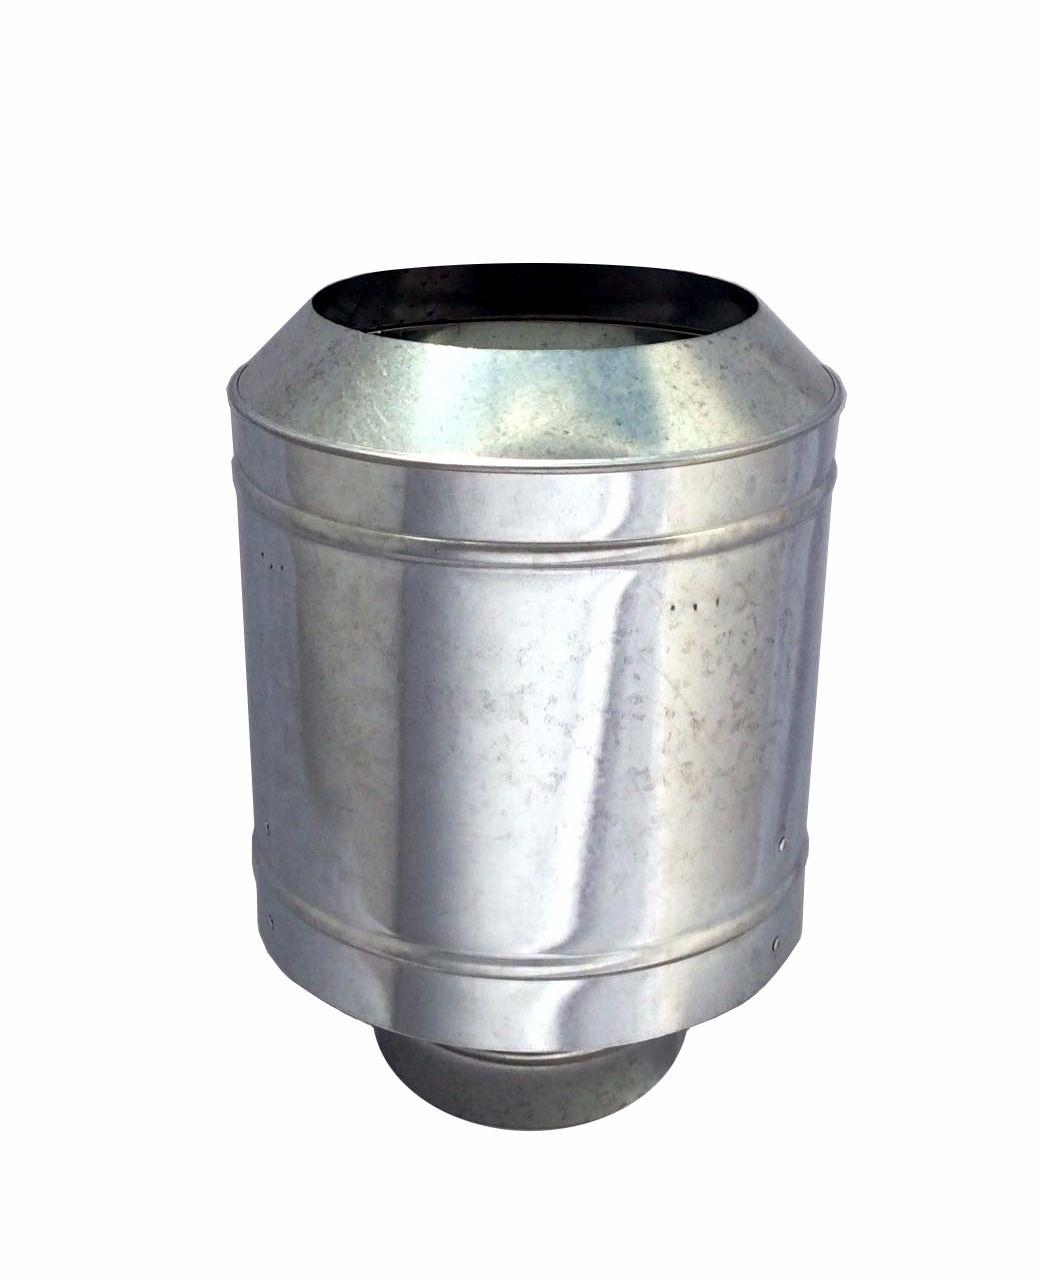 Chapéu galvanizado tipo canhão sputinik para chaminé de 115 mm de diâmetro.  - Galvocalhas